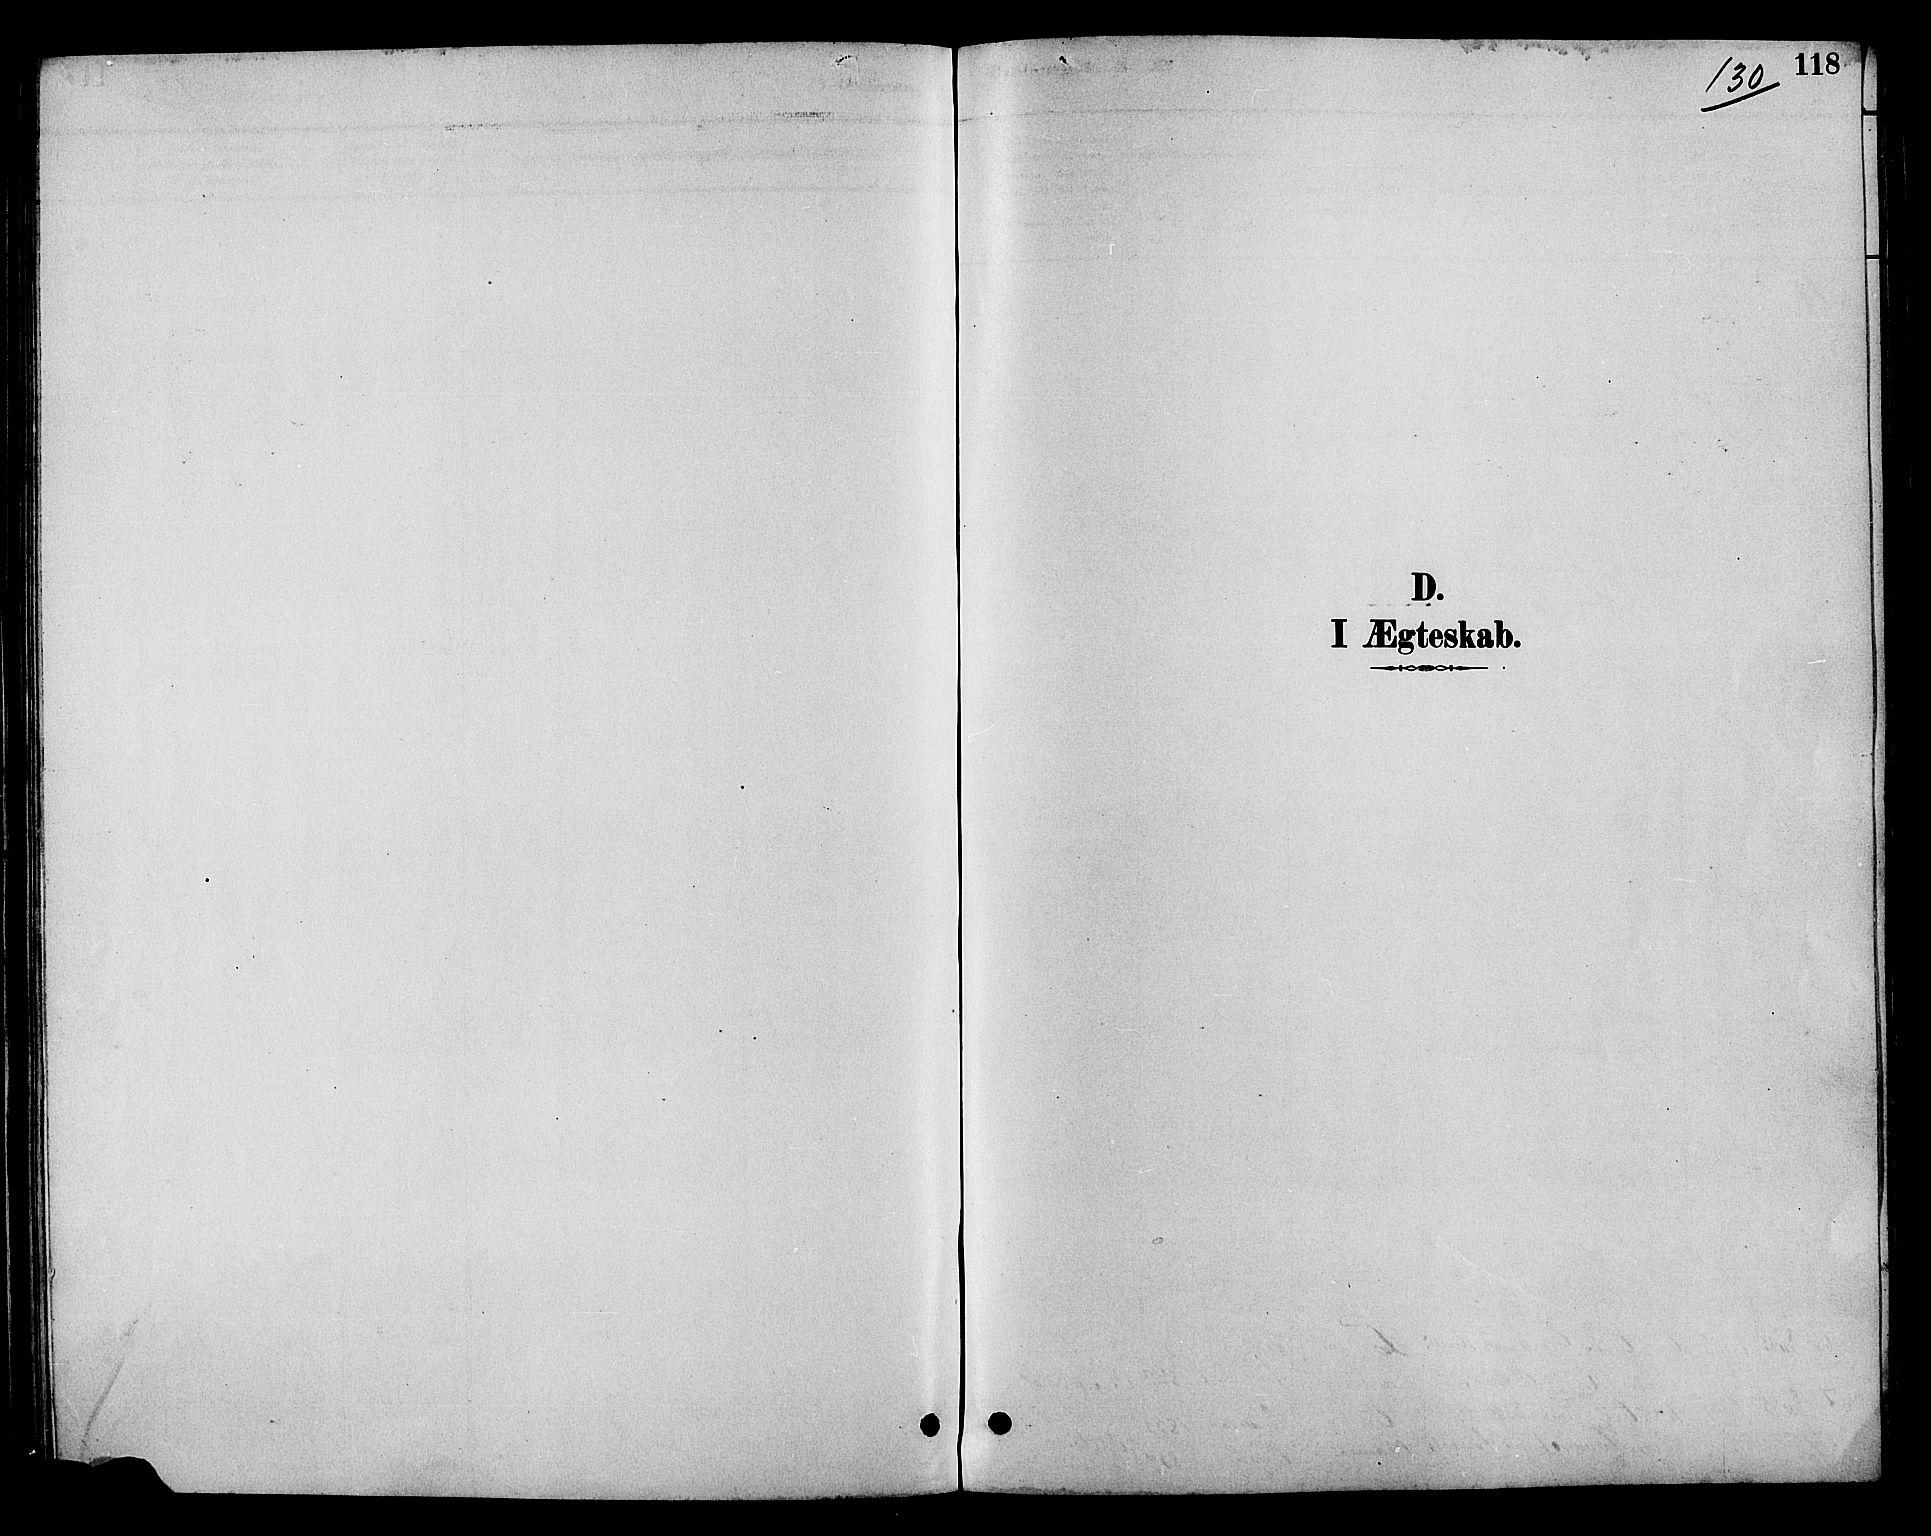 SAH, Nord-Aurdal prestekontor, Klokkerbok nr. 7, 1883-1910, s. 130